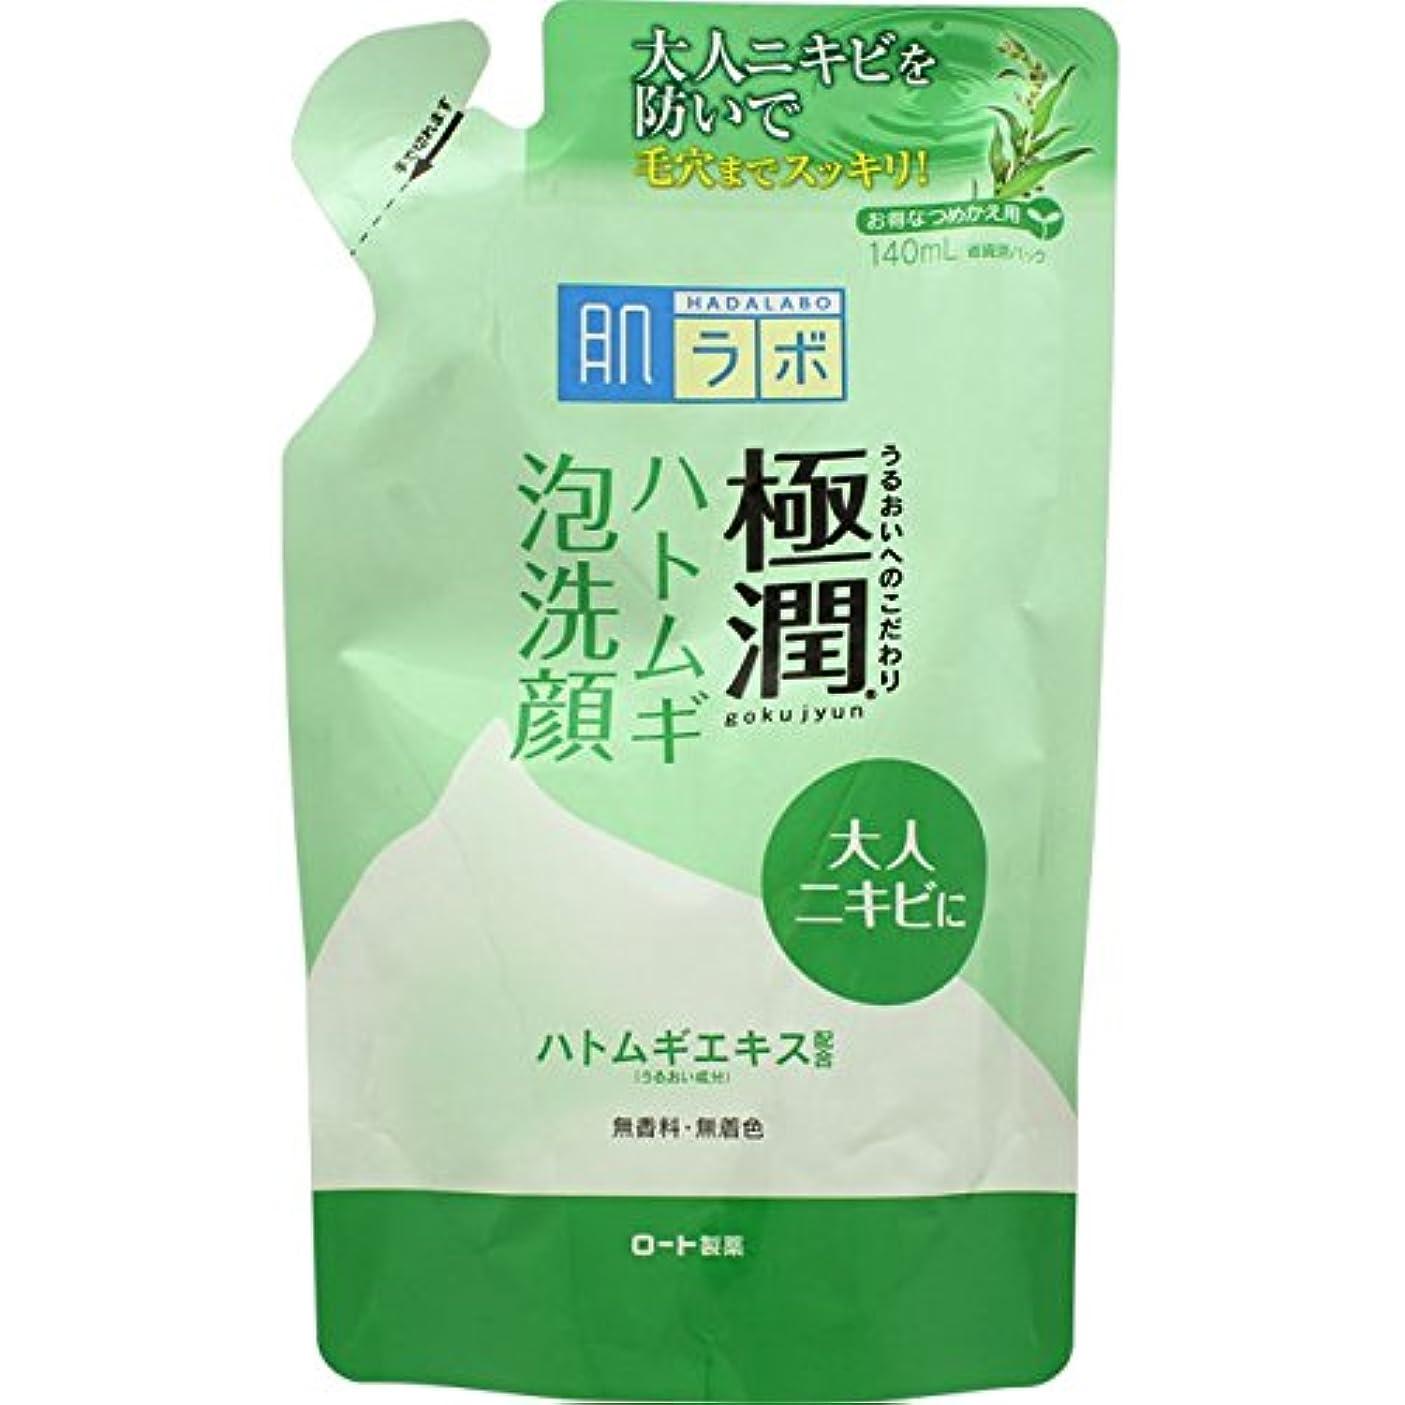 免除動物きれいに肌ラボ 極潤 毛穴洗浄 大人ニキビ予防 ハトムギ泡洗顔 詰替用 140mL